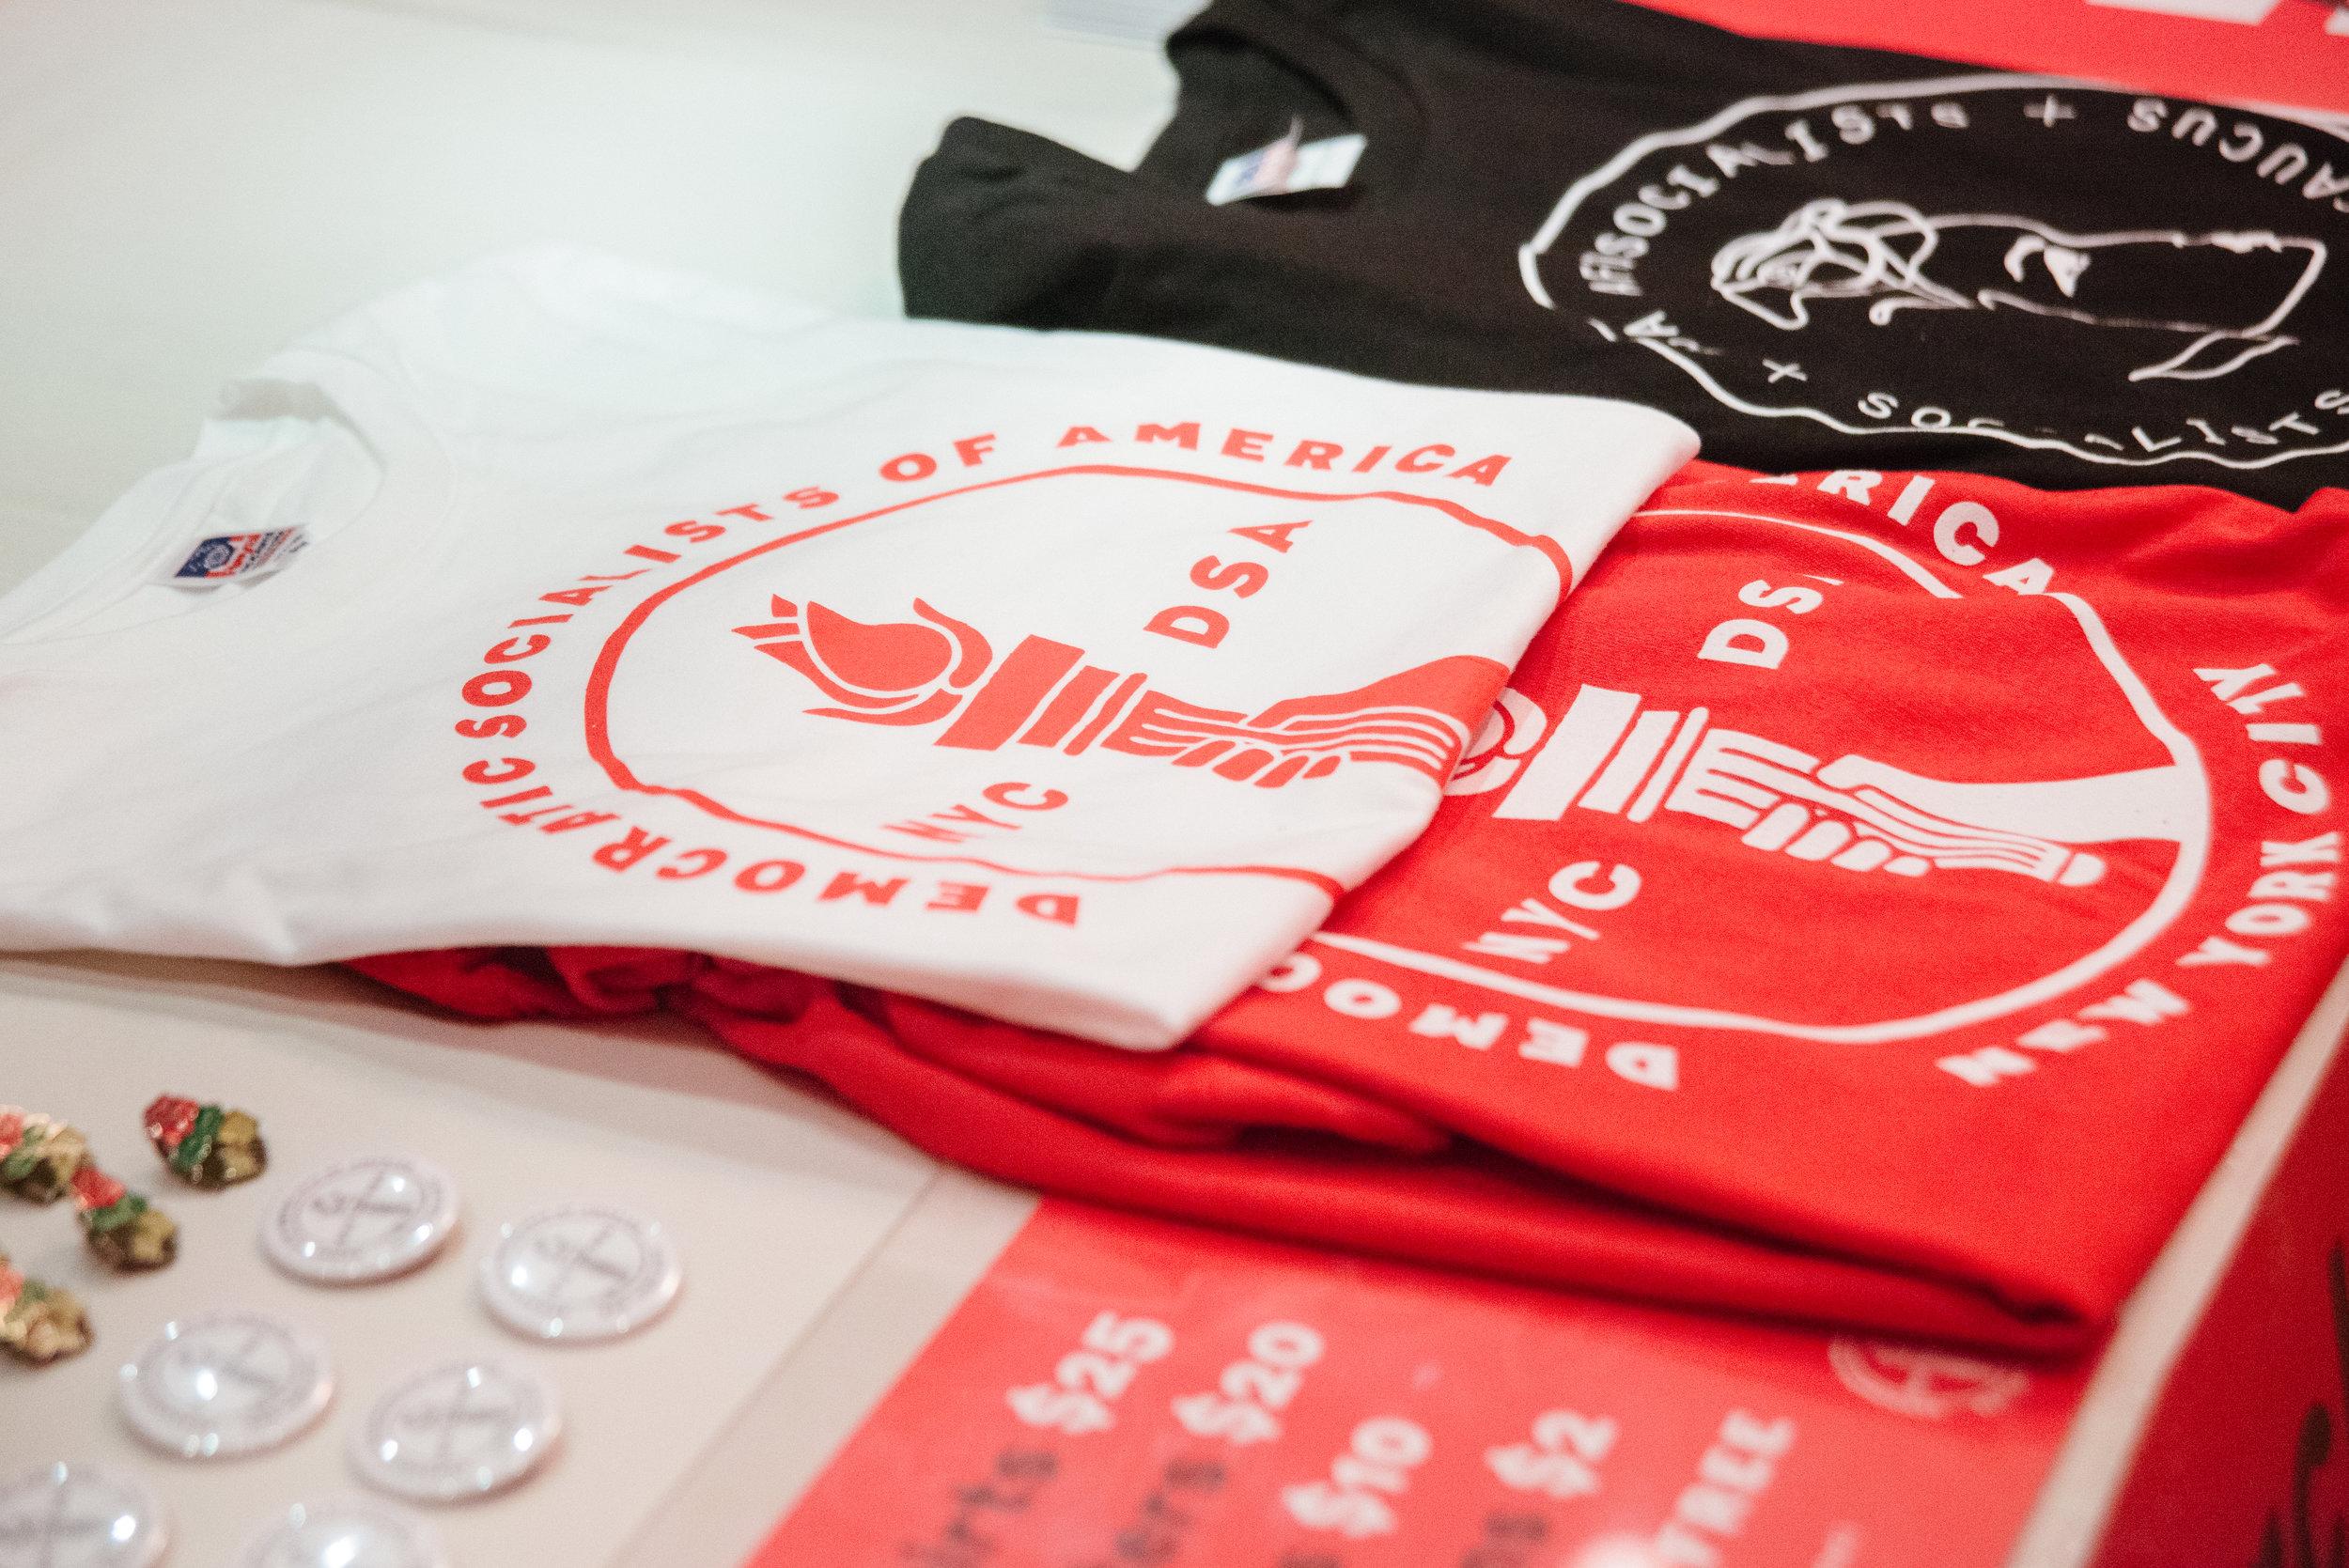 NYC-DSA chapter merchandise